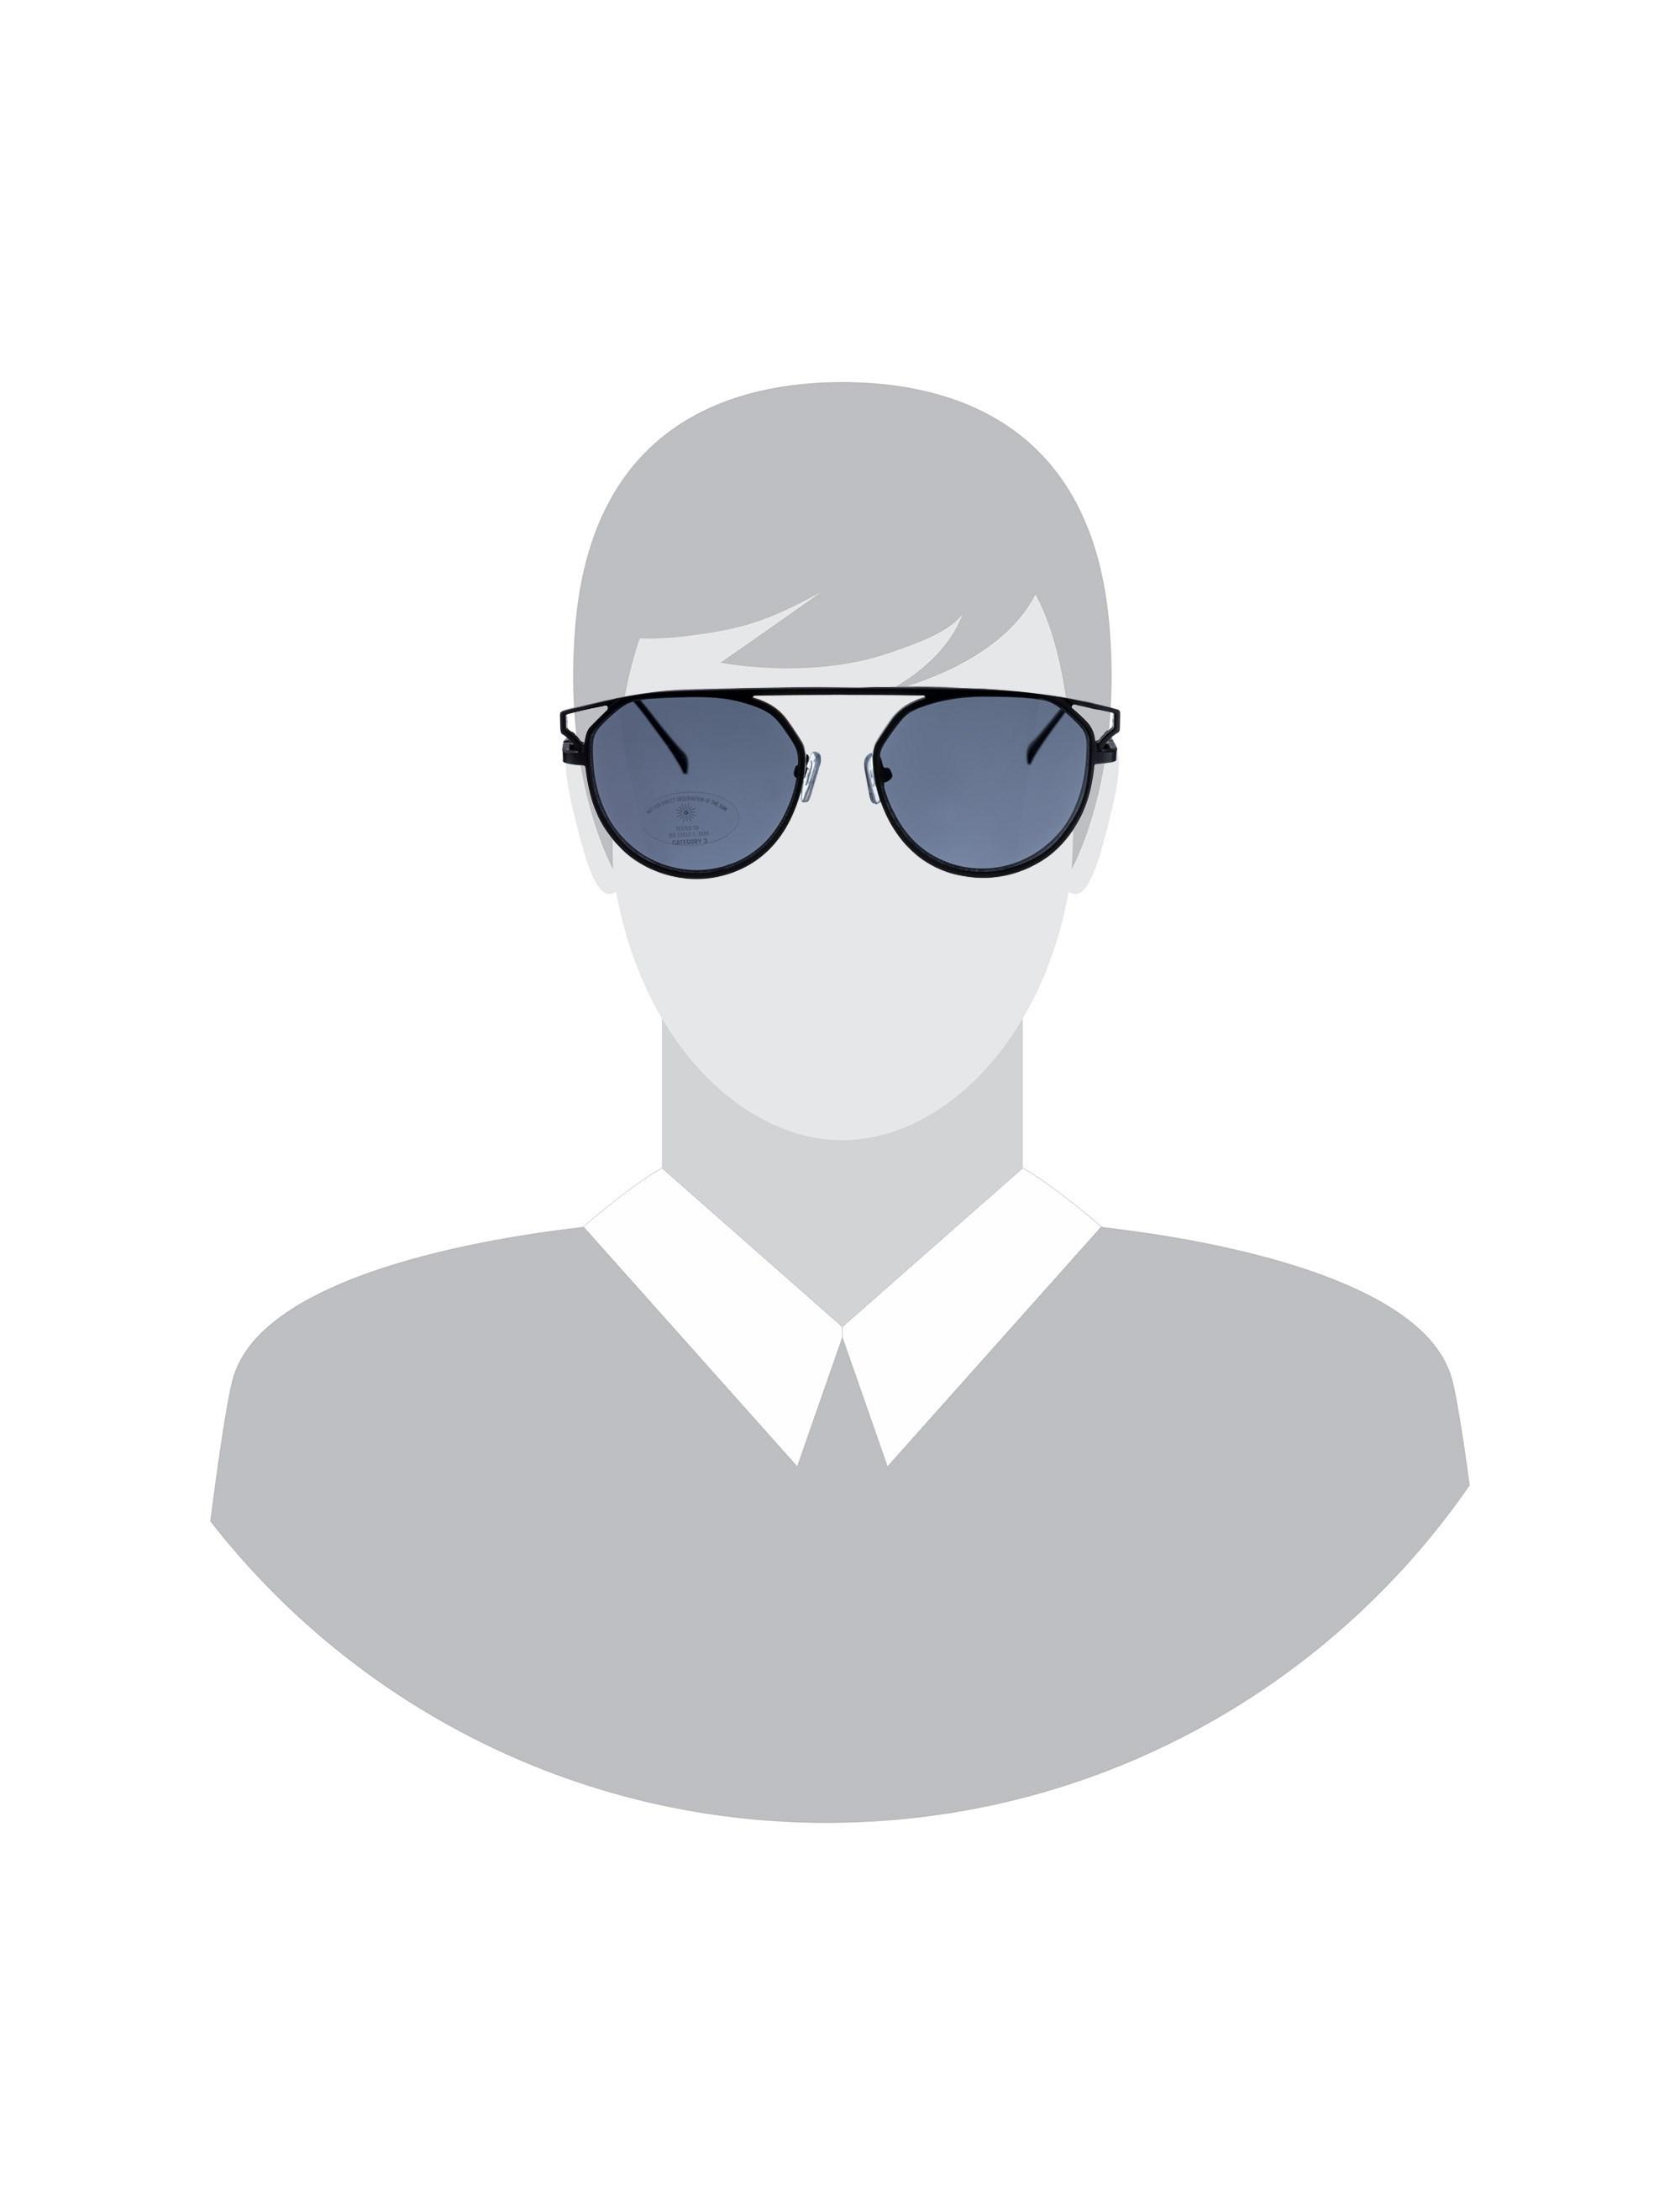 عینک آفتابی خلبانی مردانه - مشکي         - 6